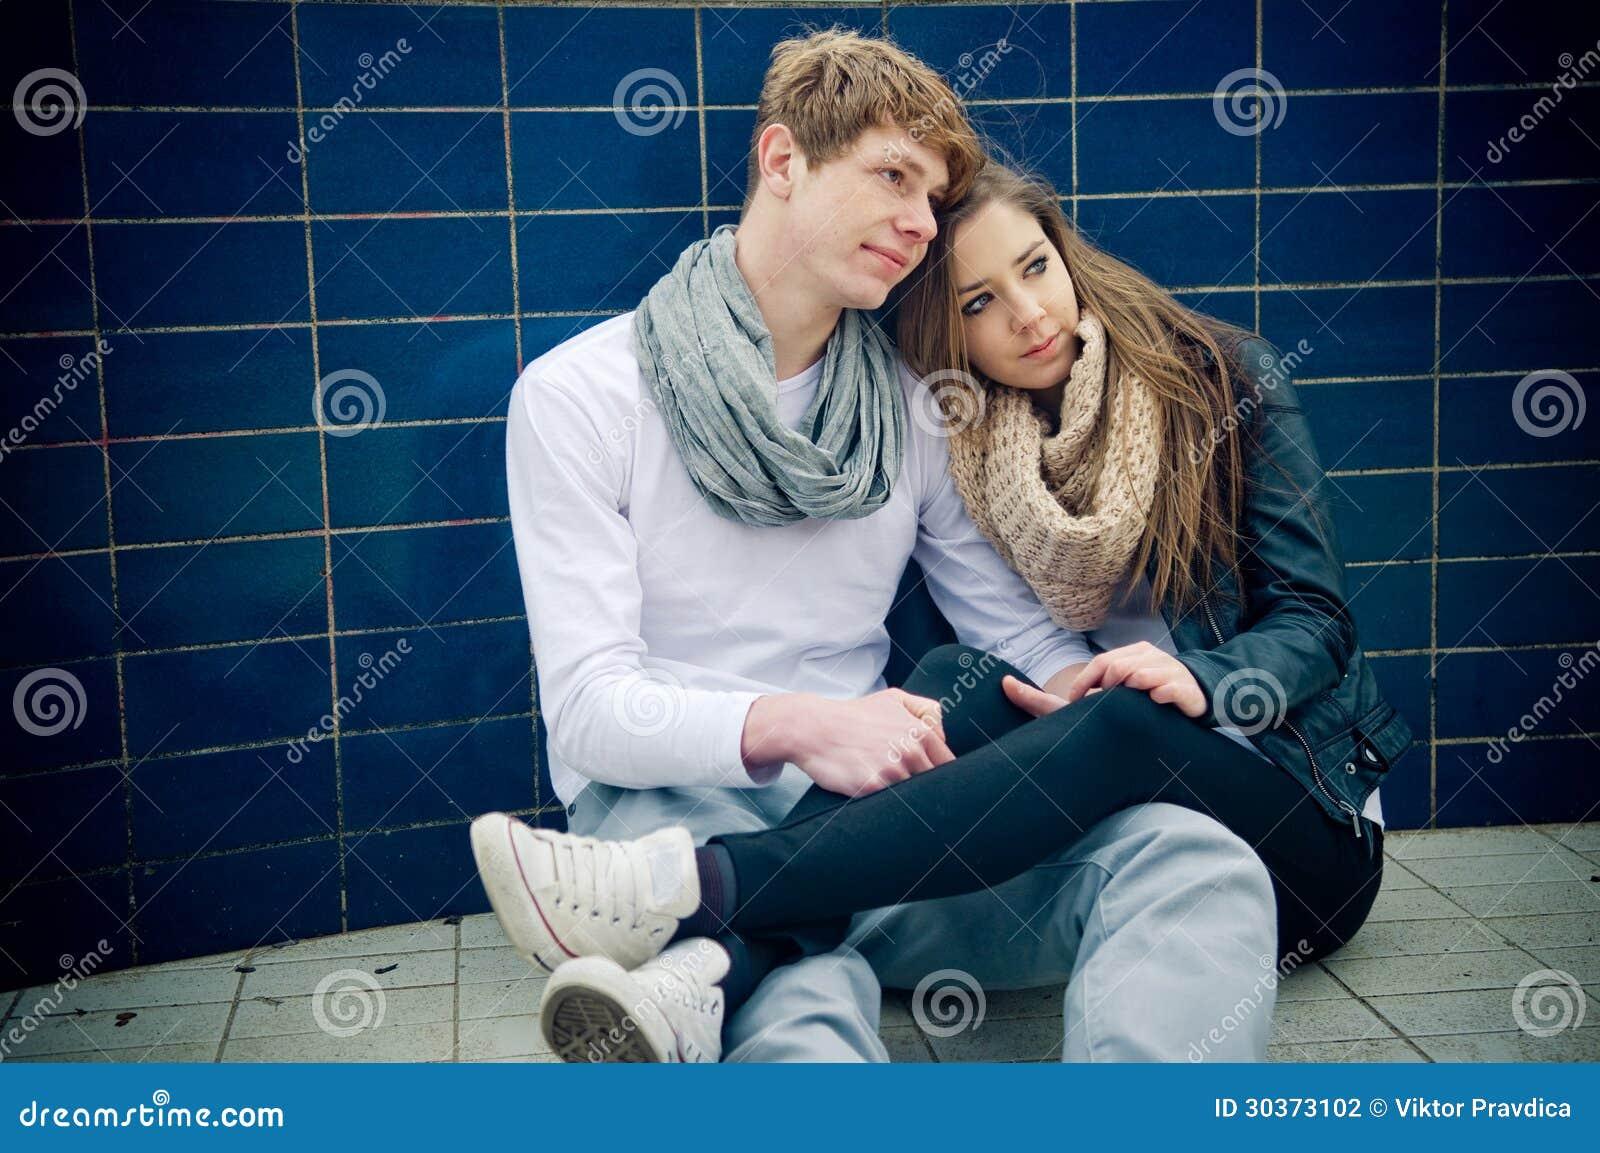 girl couple with teen Young teen